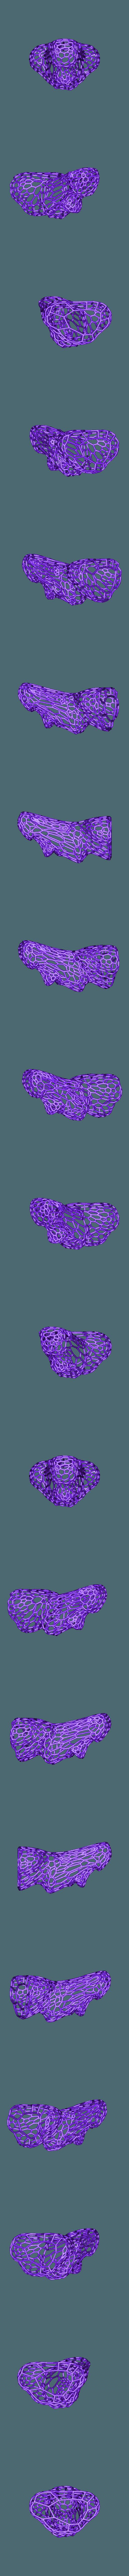 moai voro 10cm.stl Télécharger fichier STL gratuit Moai Voronoi • Modèle imprimable en 3D, sandygantois